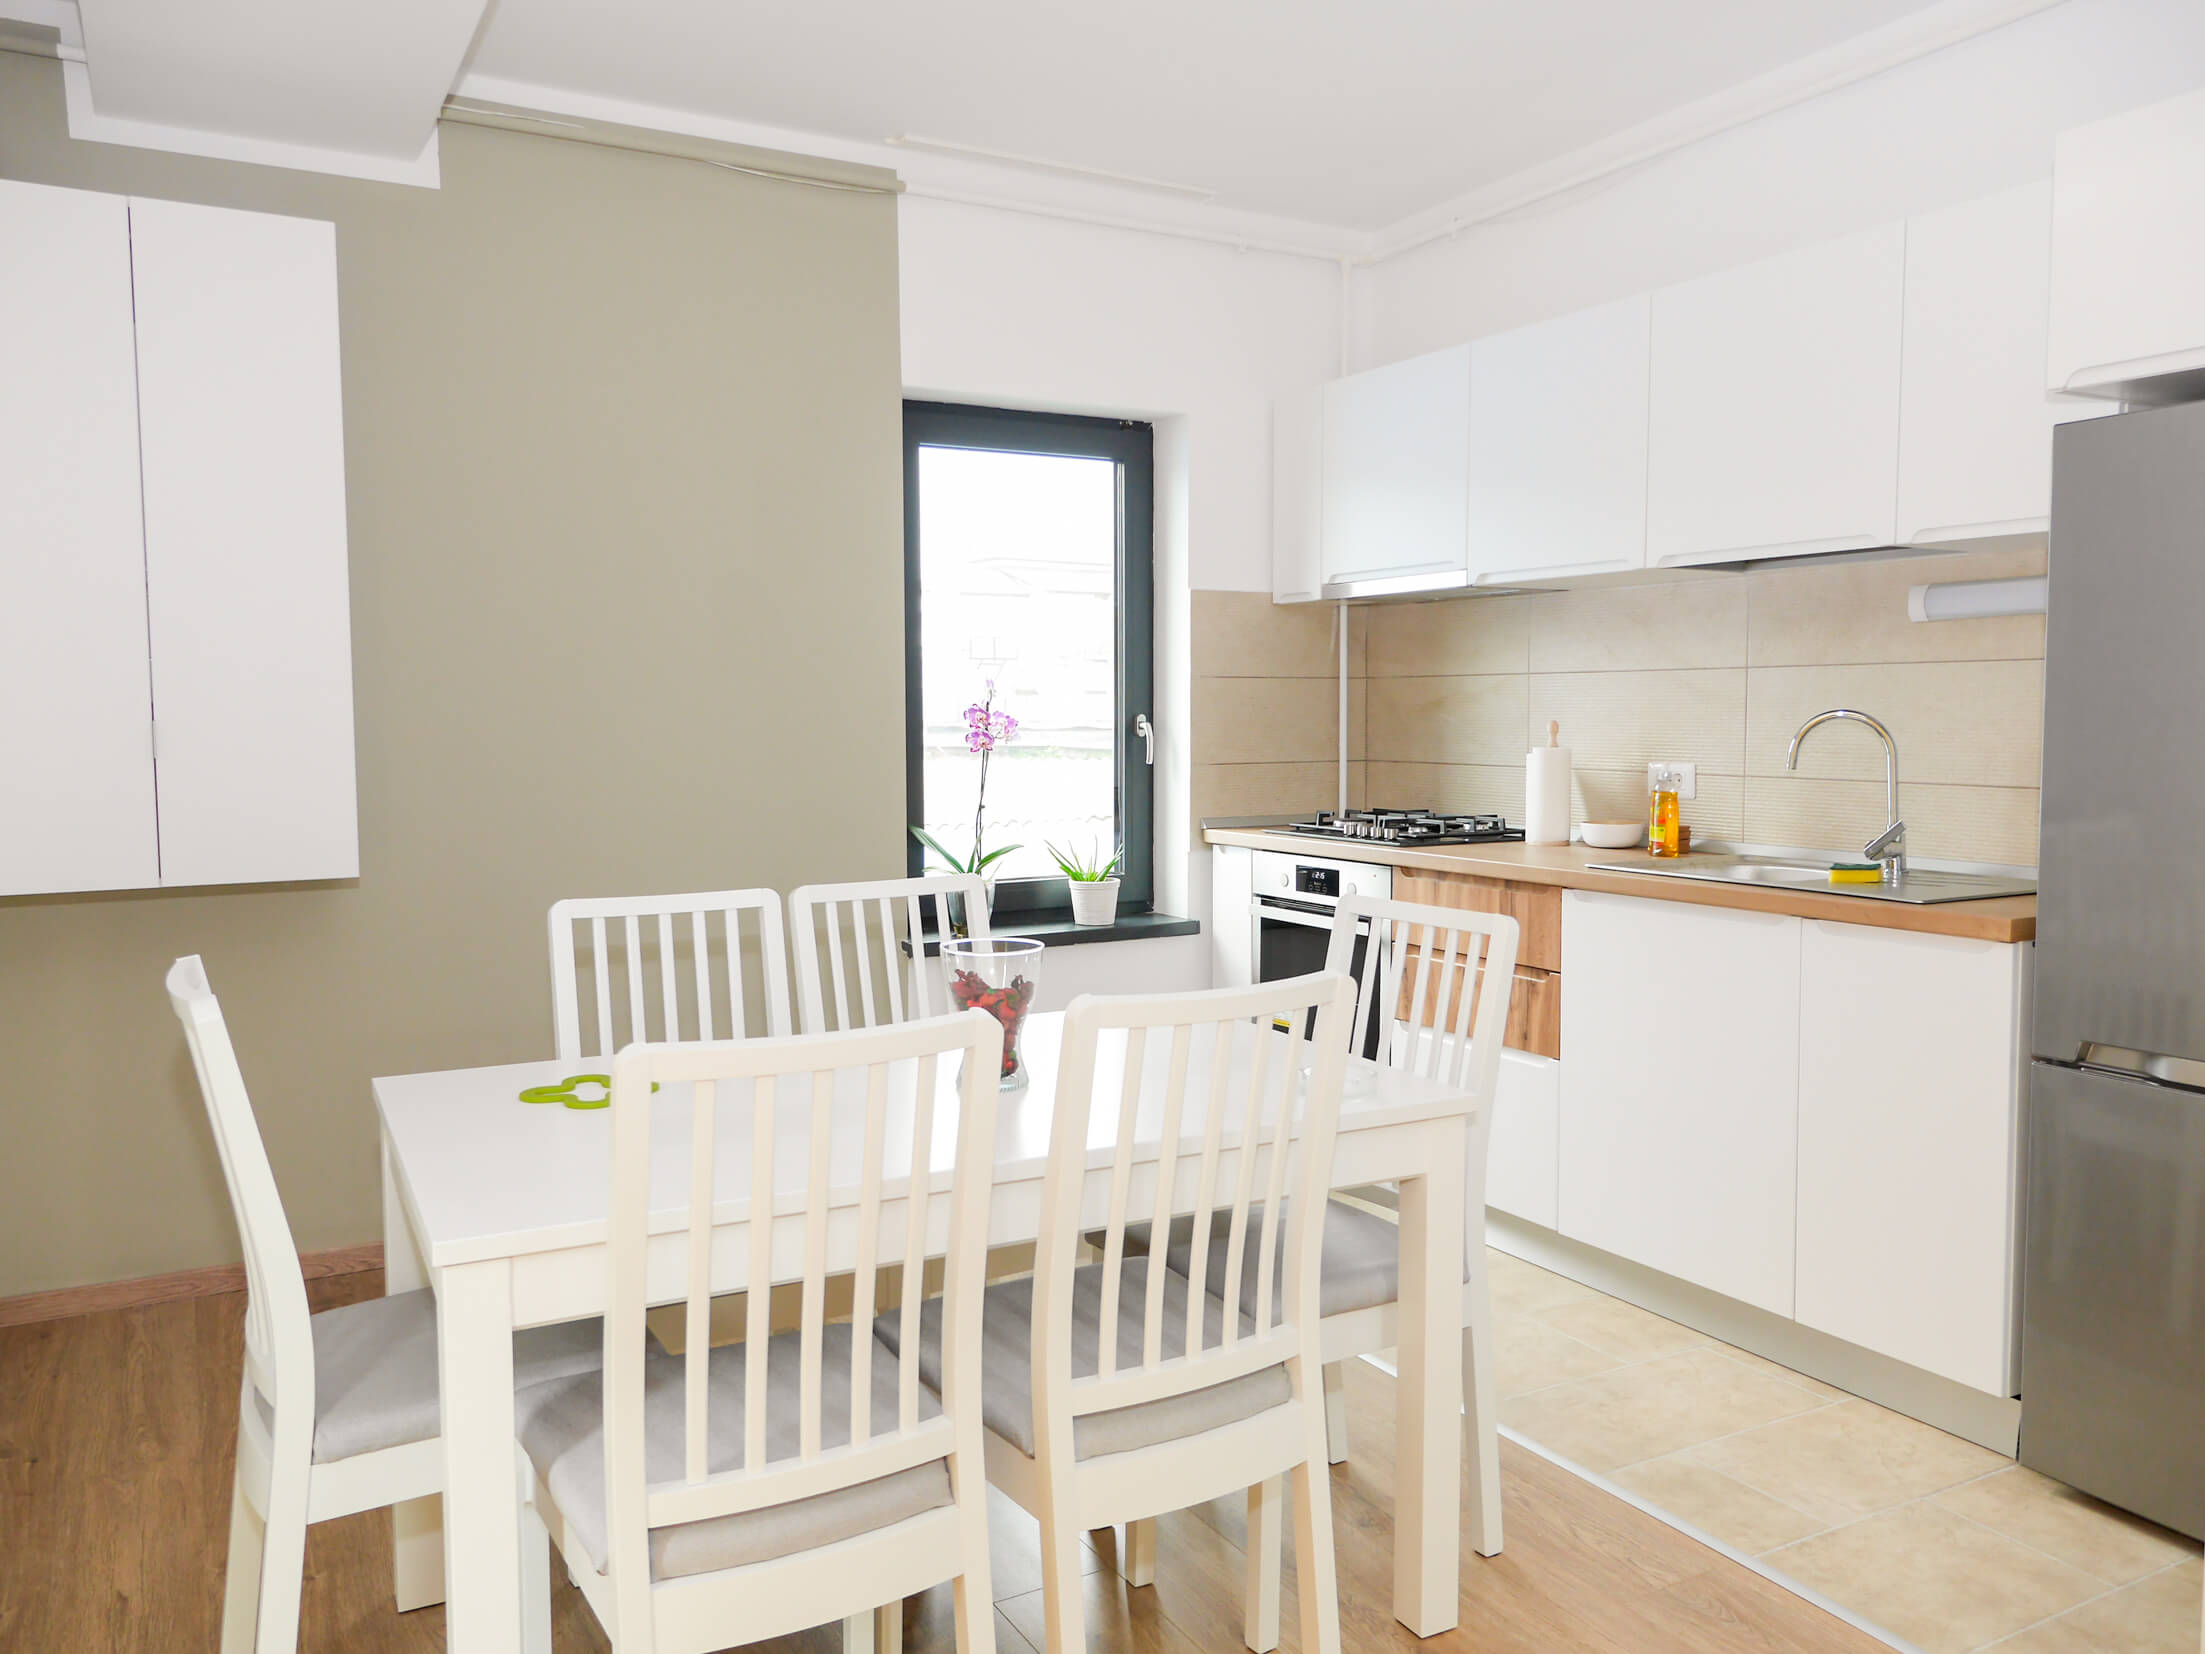 Clement Apartments - apartamente de inchiriat in regim hotelier - cazare neamt - cazare piatra neamt - apartament 4 (2)